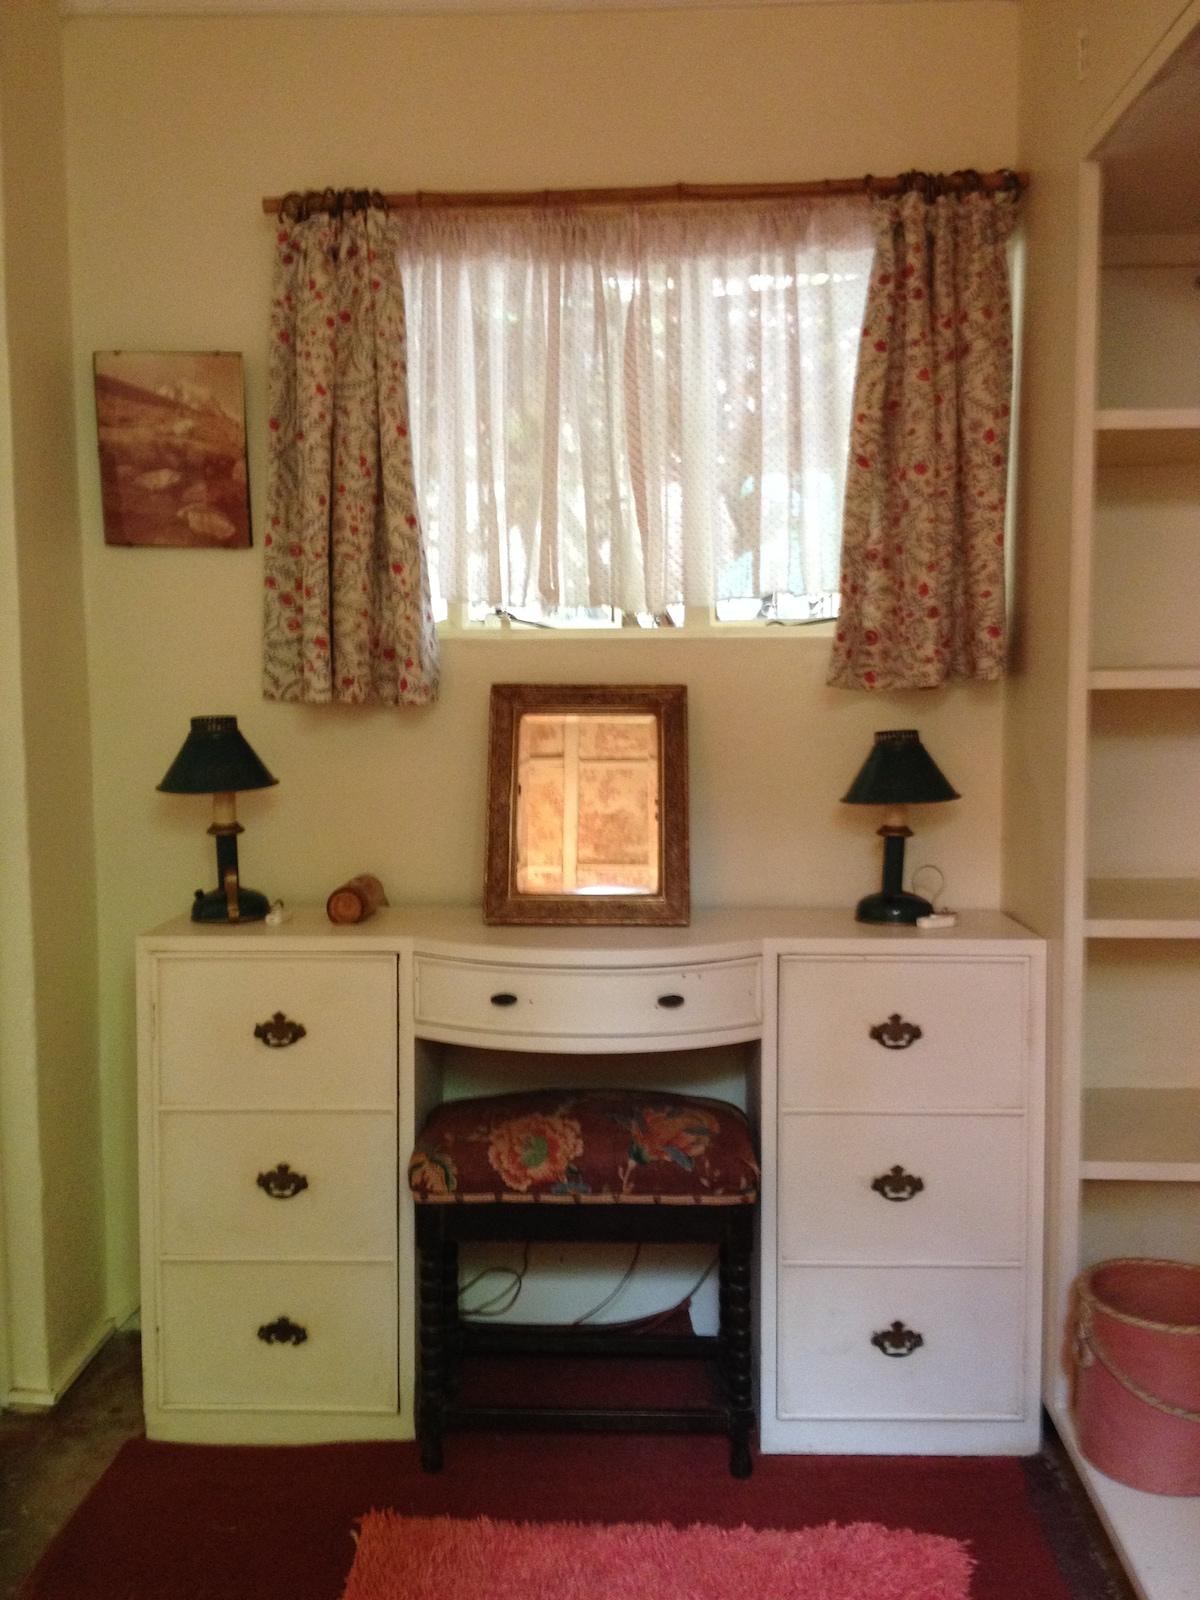 Amanda's bedroom